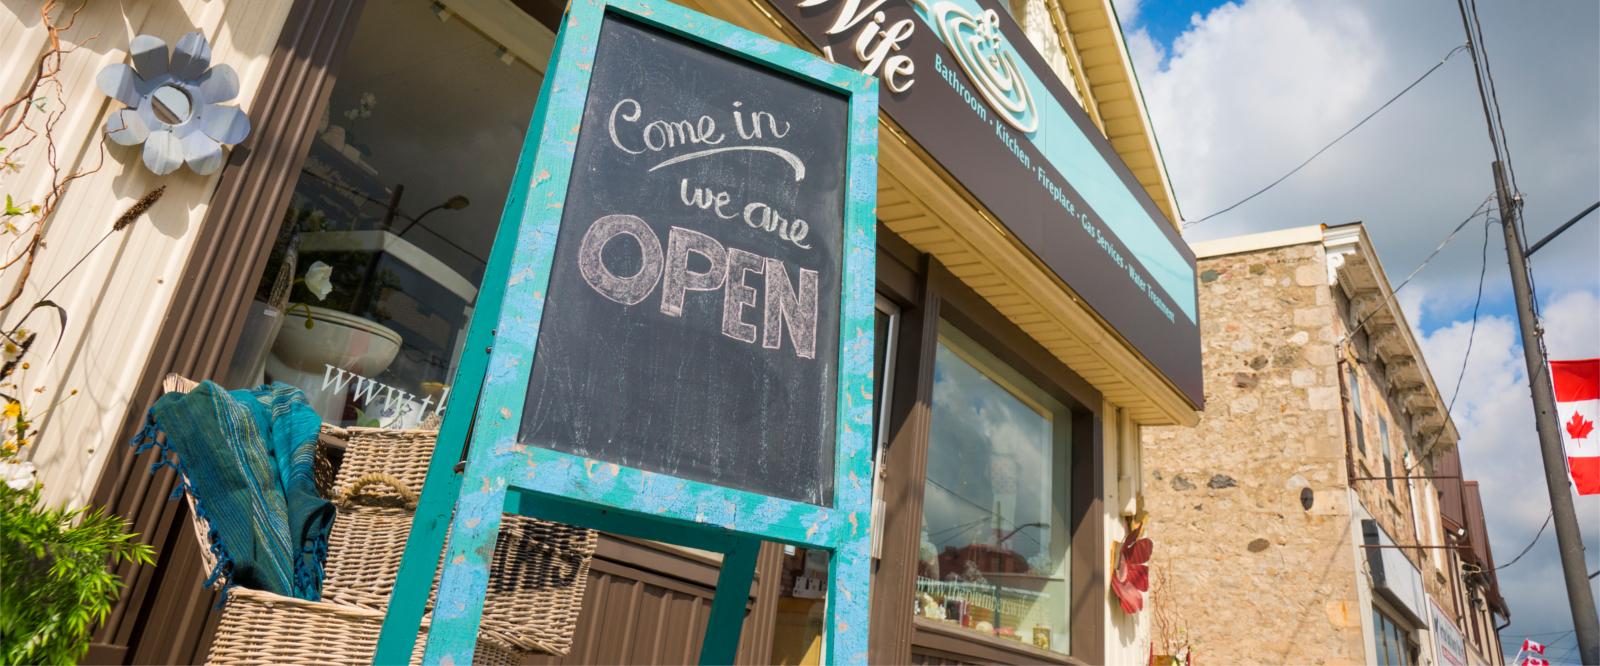 Sandwich board sign We're Open